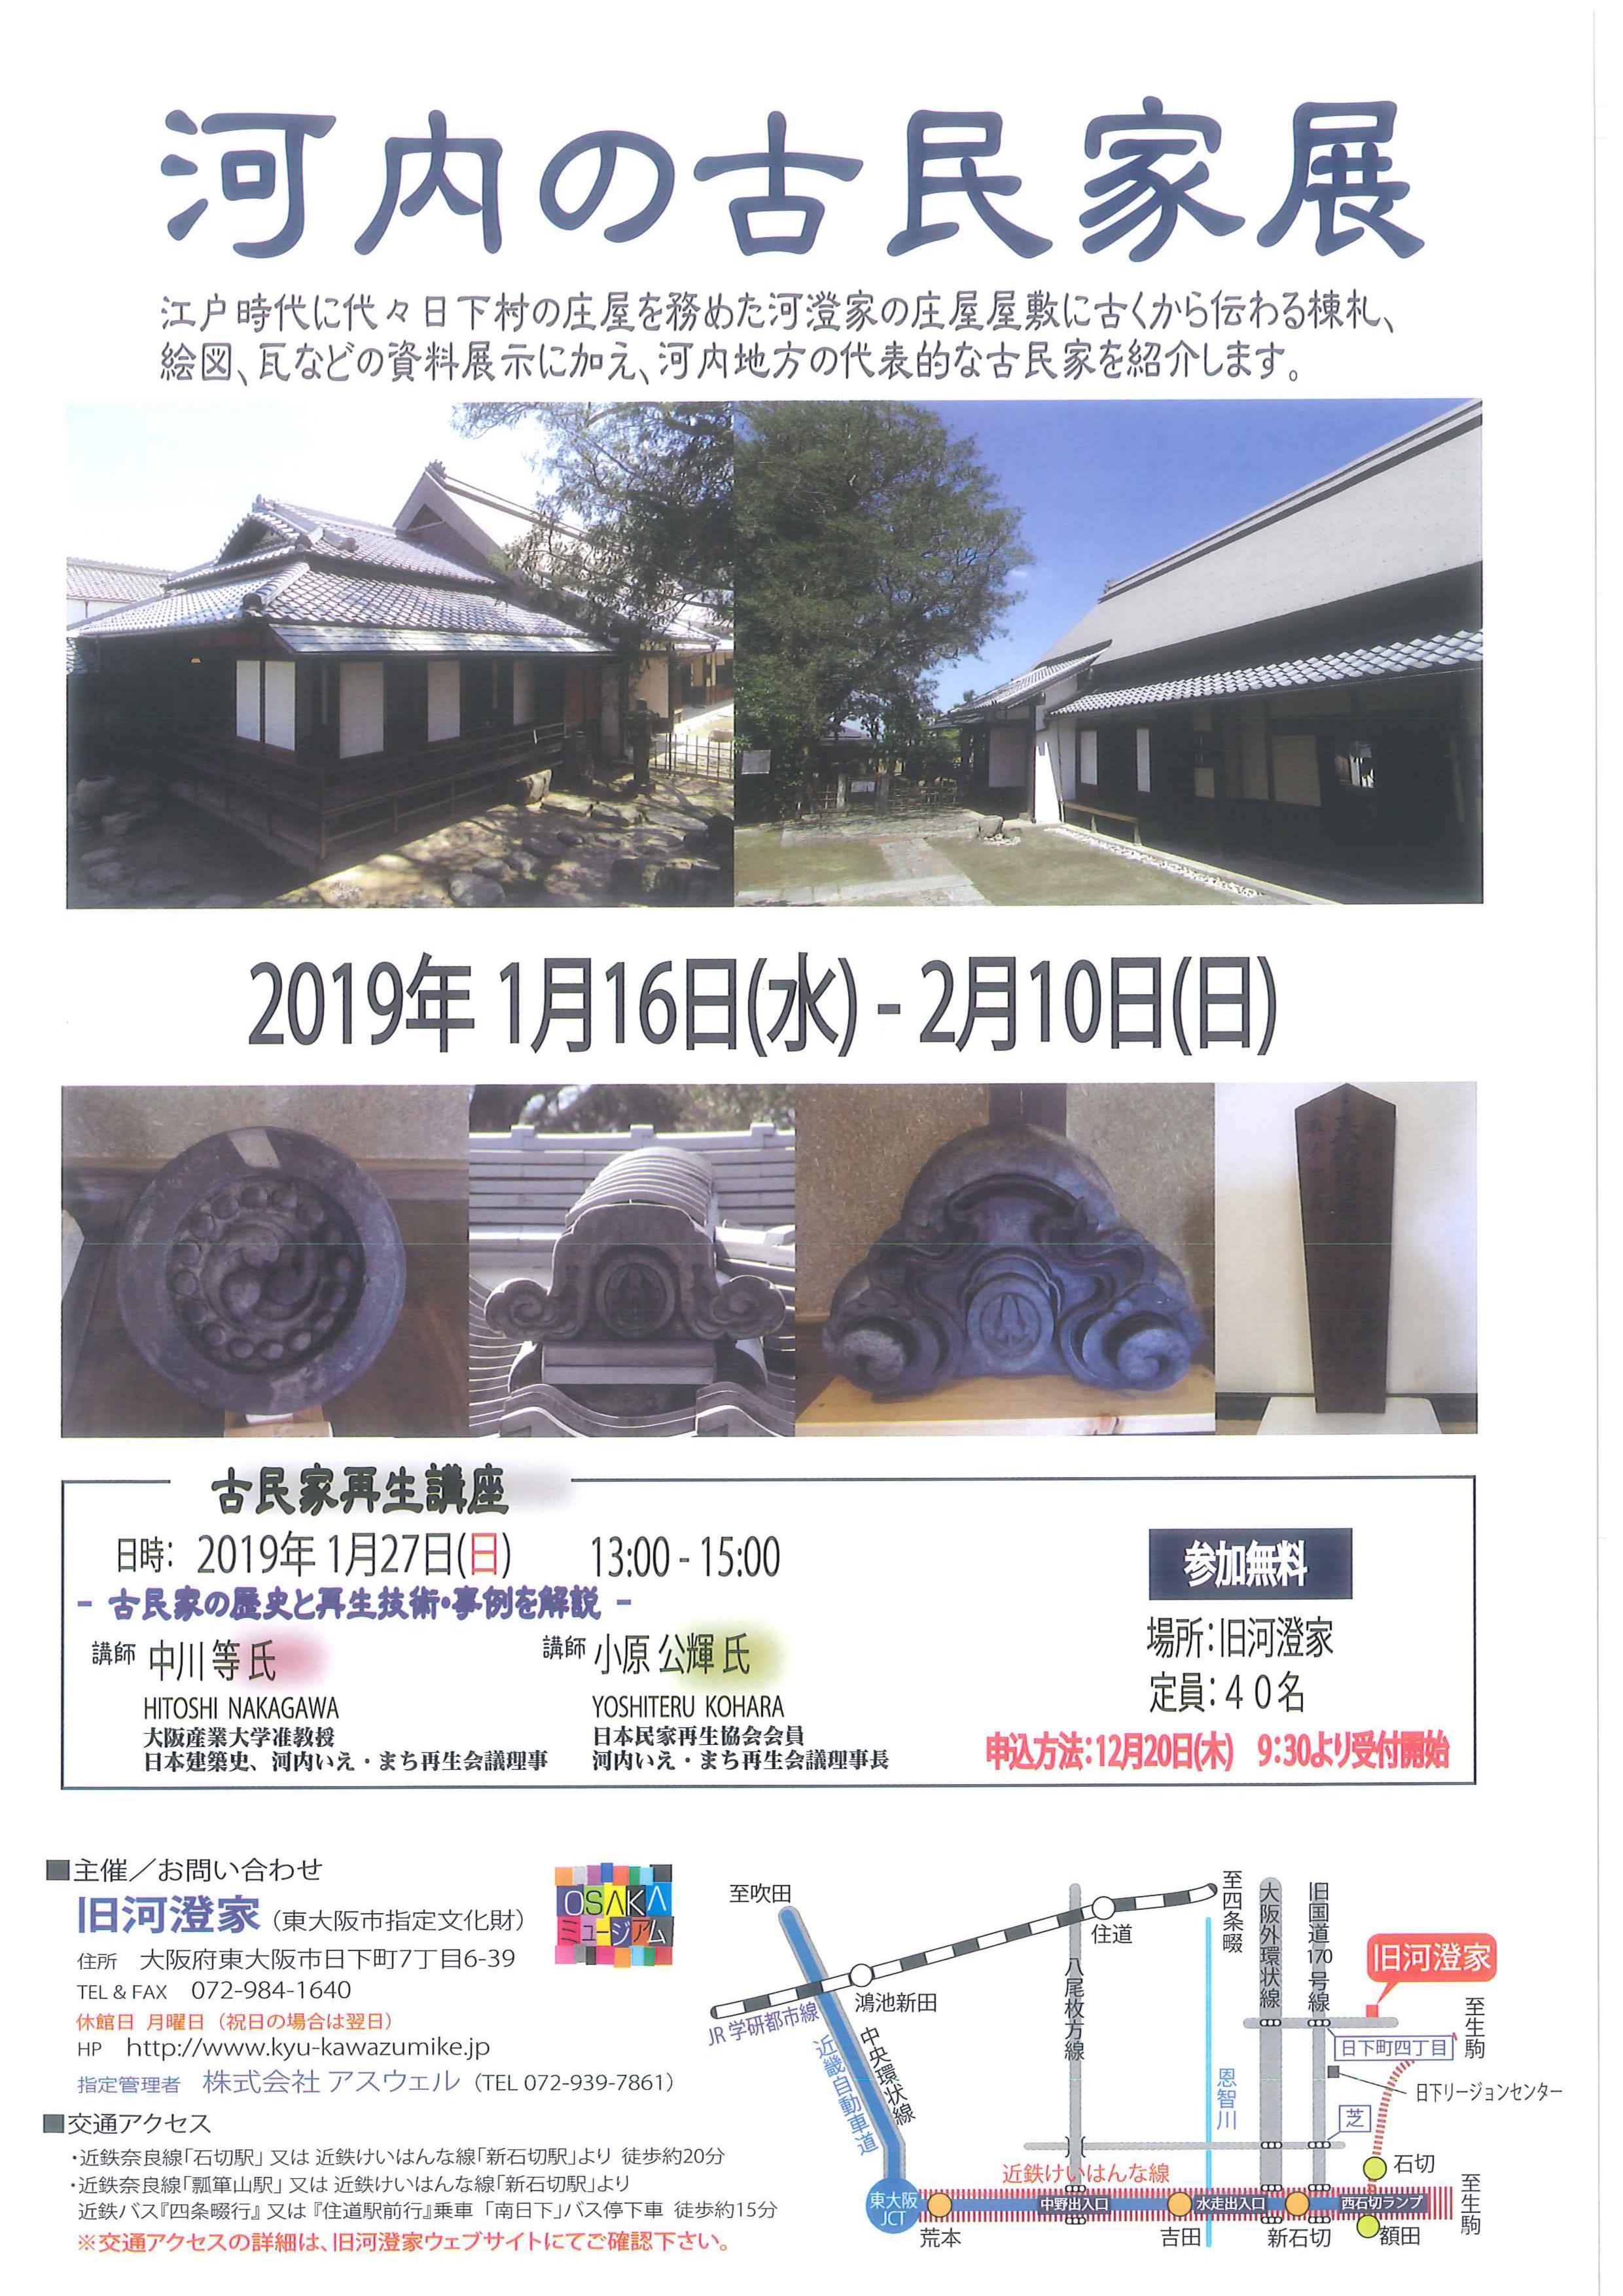 「河内の古民家展」1月16日(水)~2月10日(日)